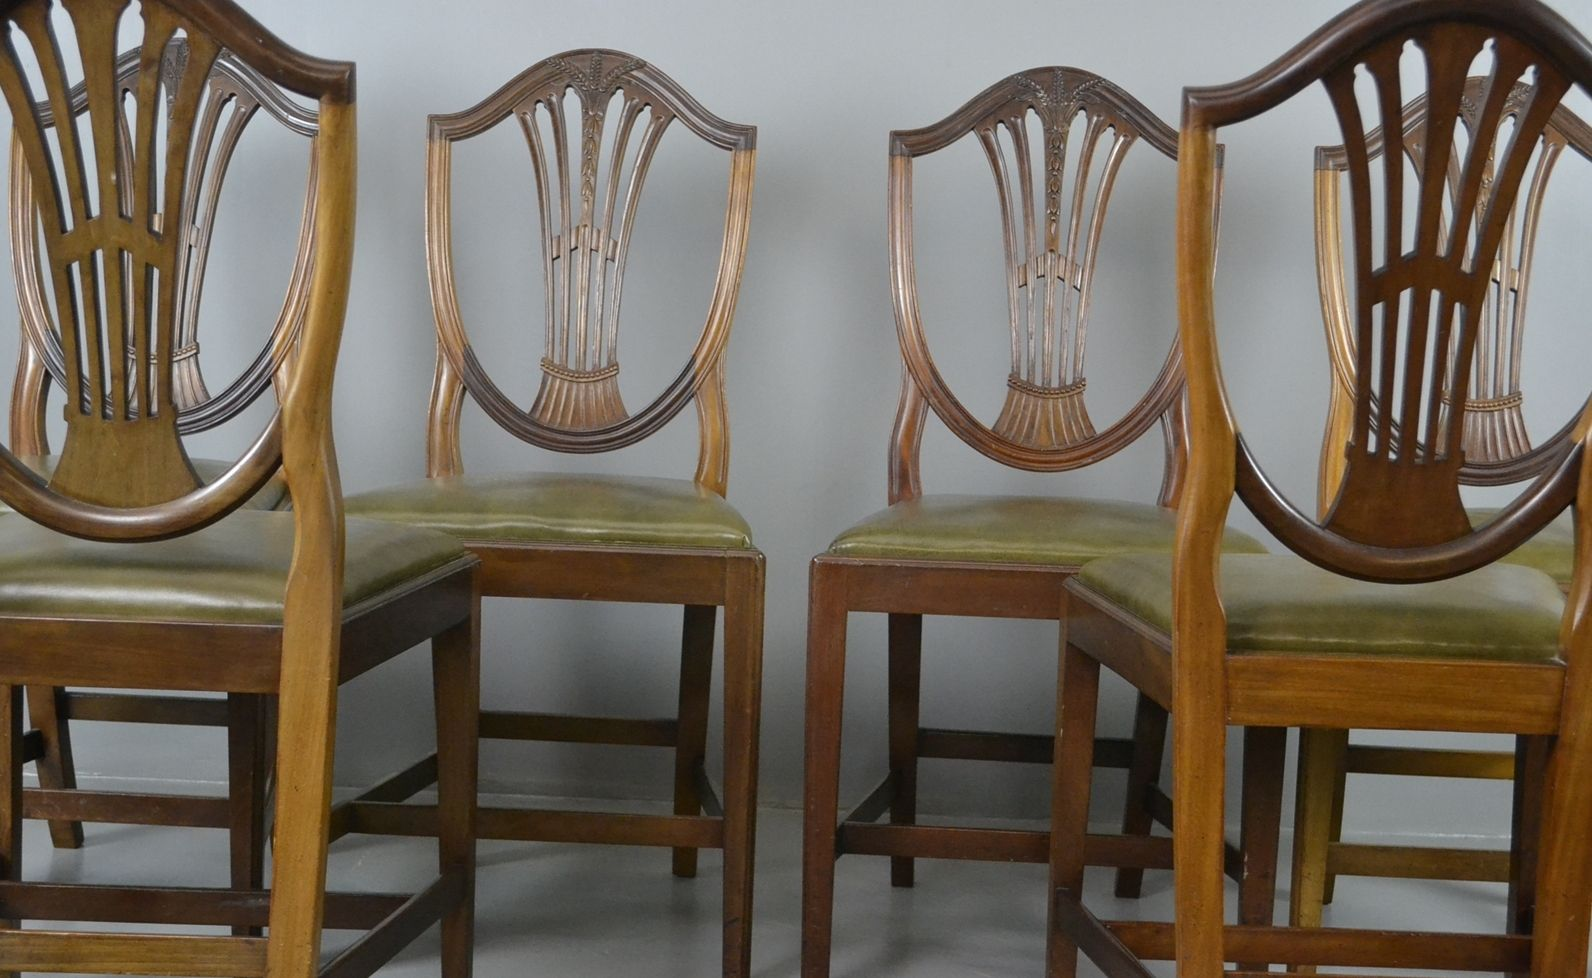 edwardische hepplewhite waring esszimmerst hle 6er set bei pamono kaufen. Black Bedroom Furniture Sets. Home Design Ideas